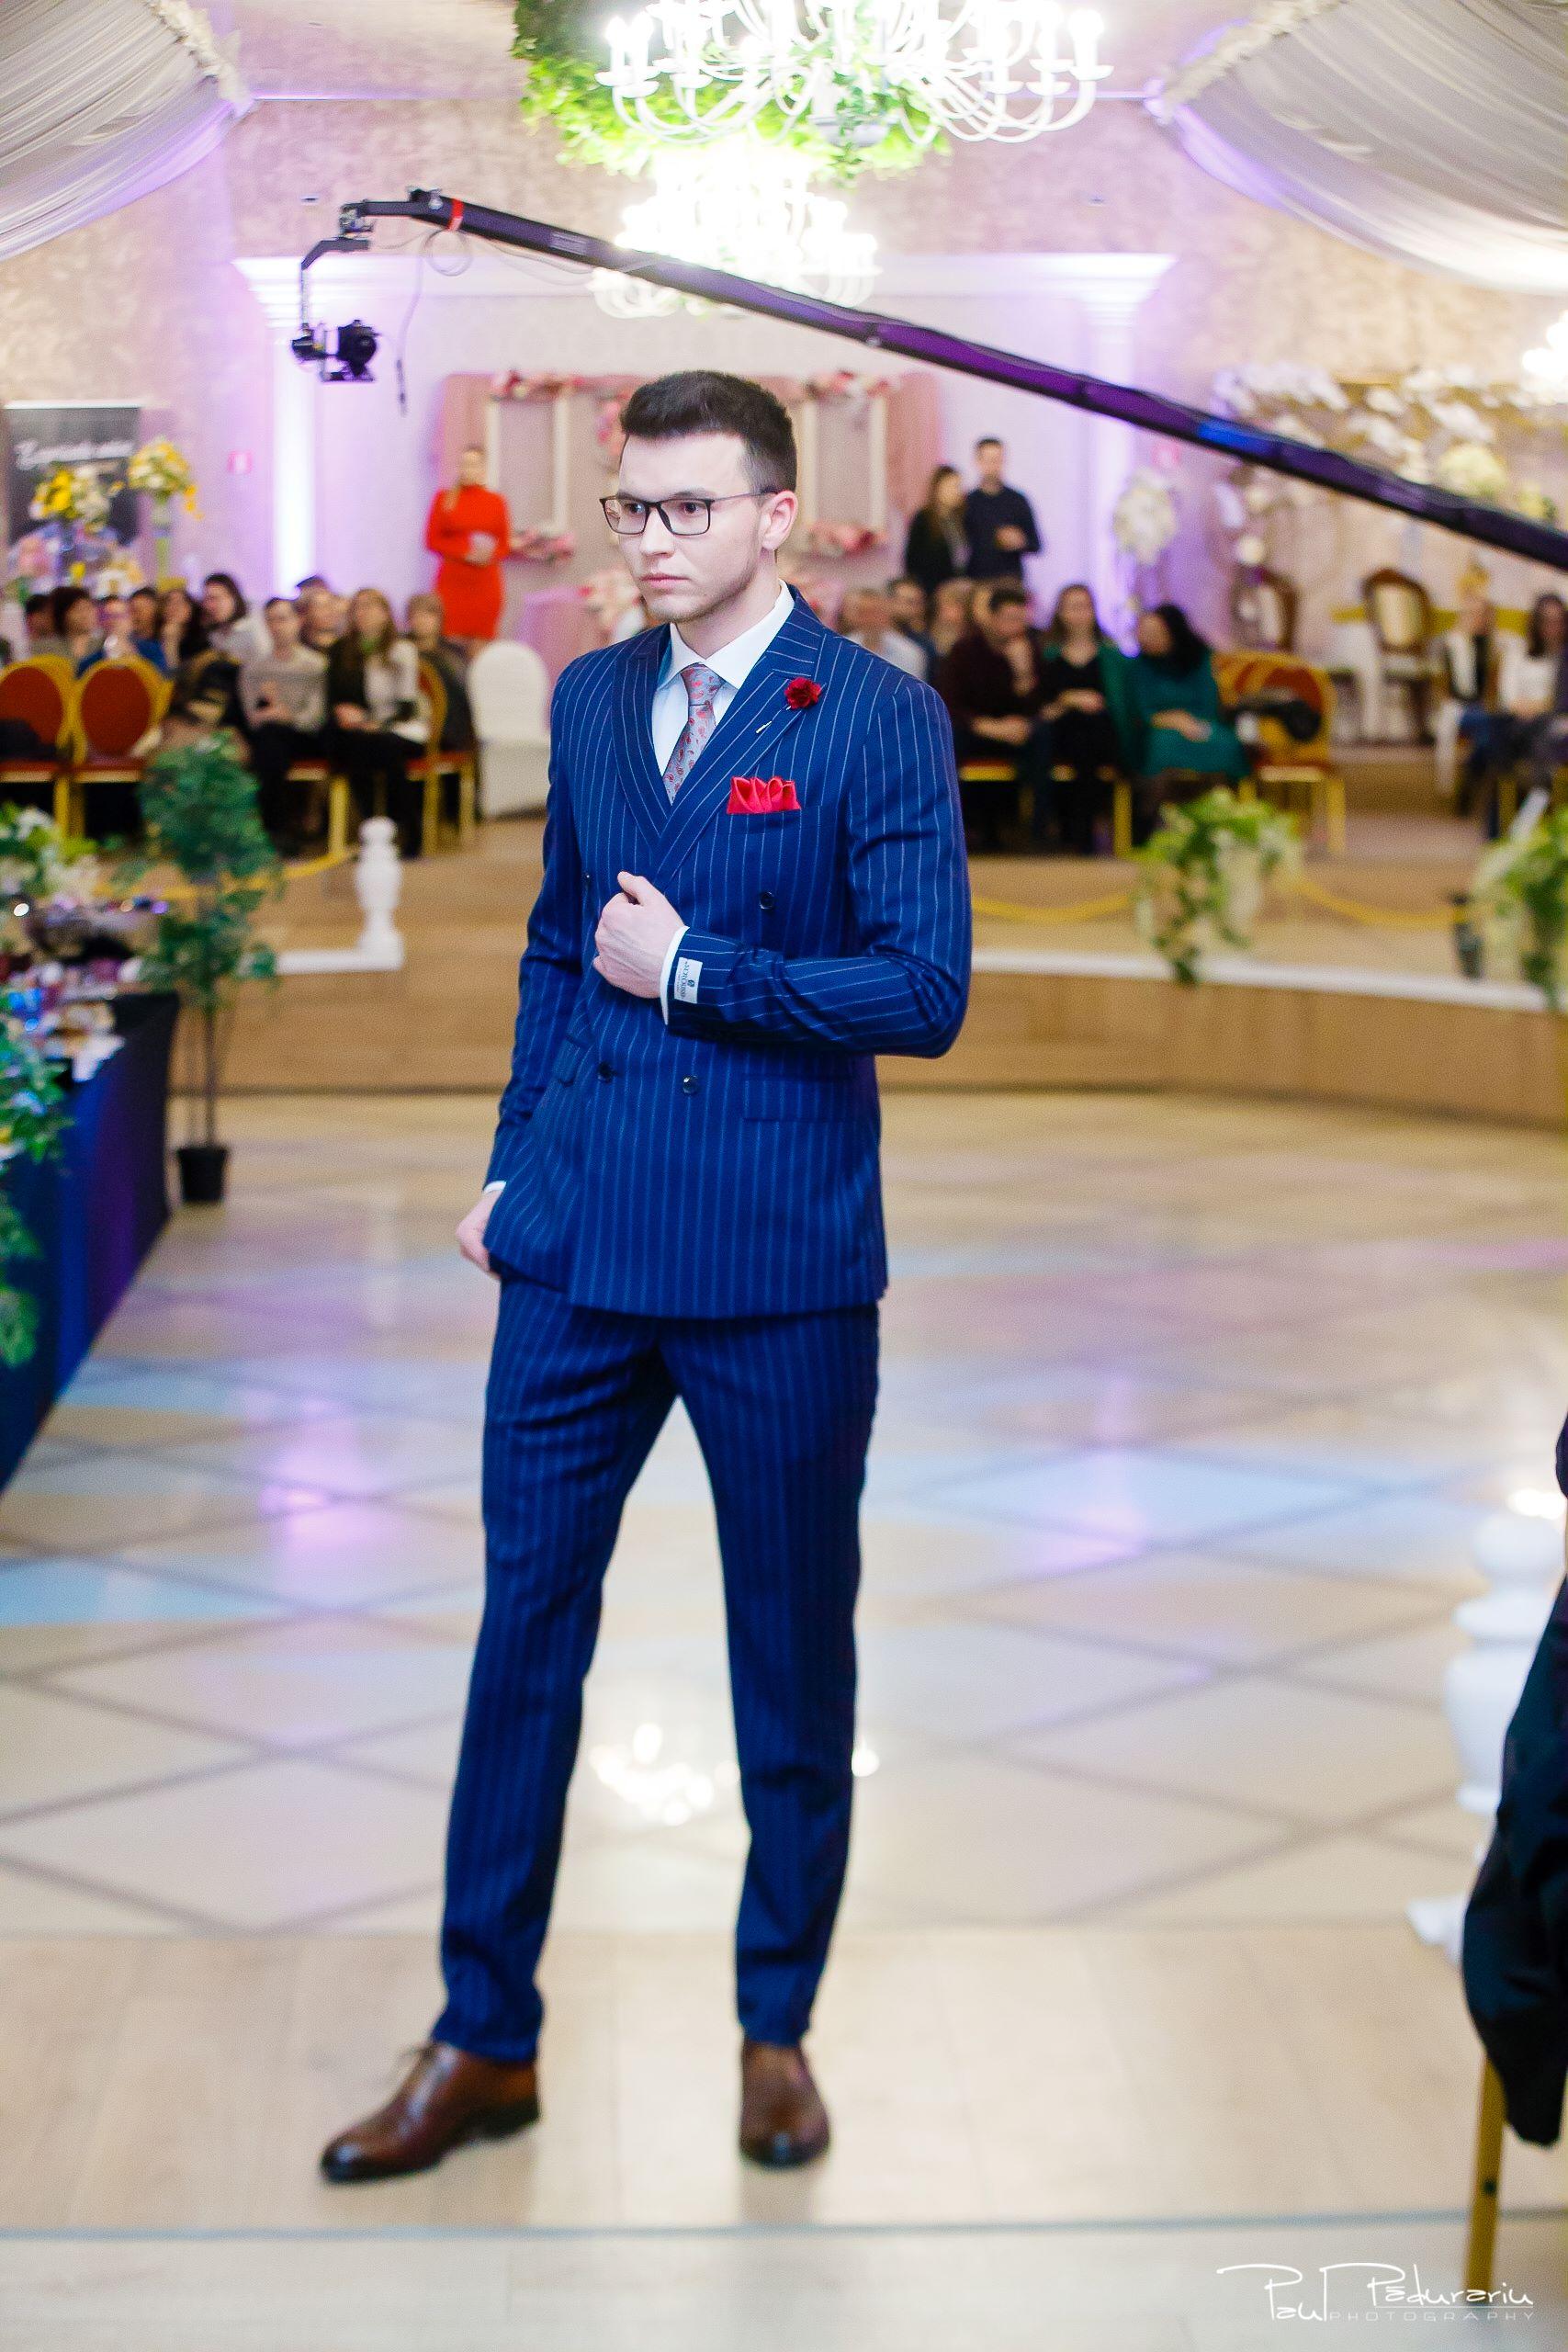 Seroussi | Producător și distribuitor de costume bărbătești colectia 2019 - costum mire - paul padurariu fotograf nunta iasi www.paulpadurariu.ro 6